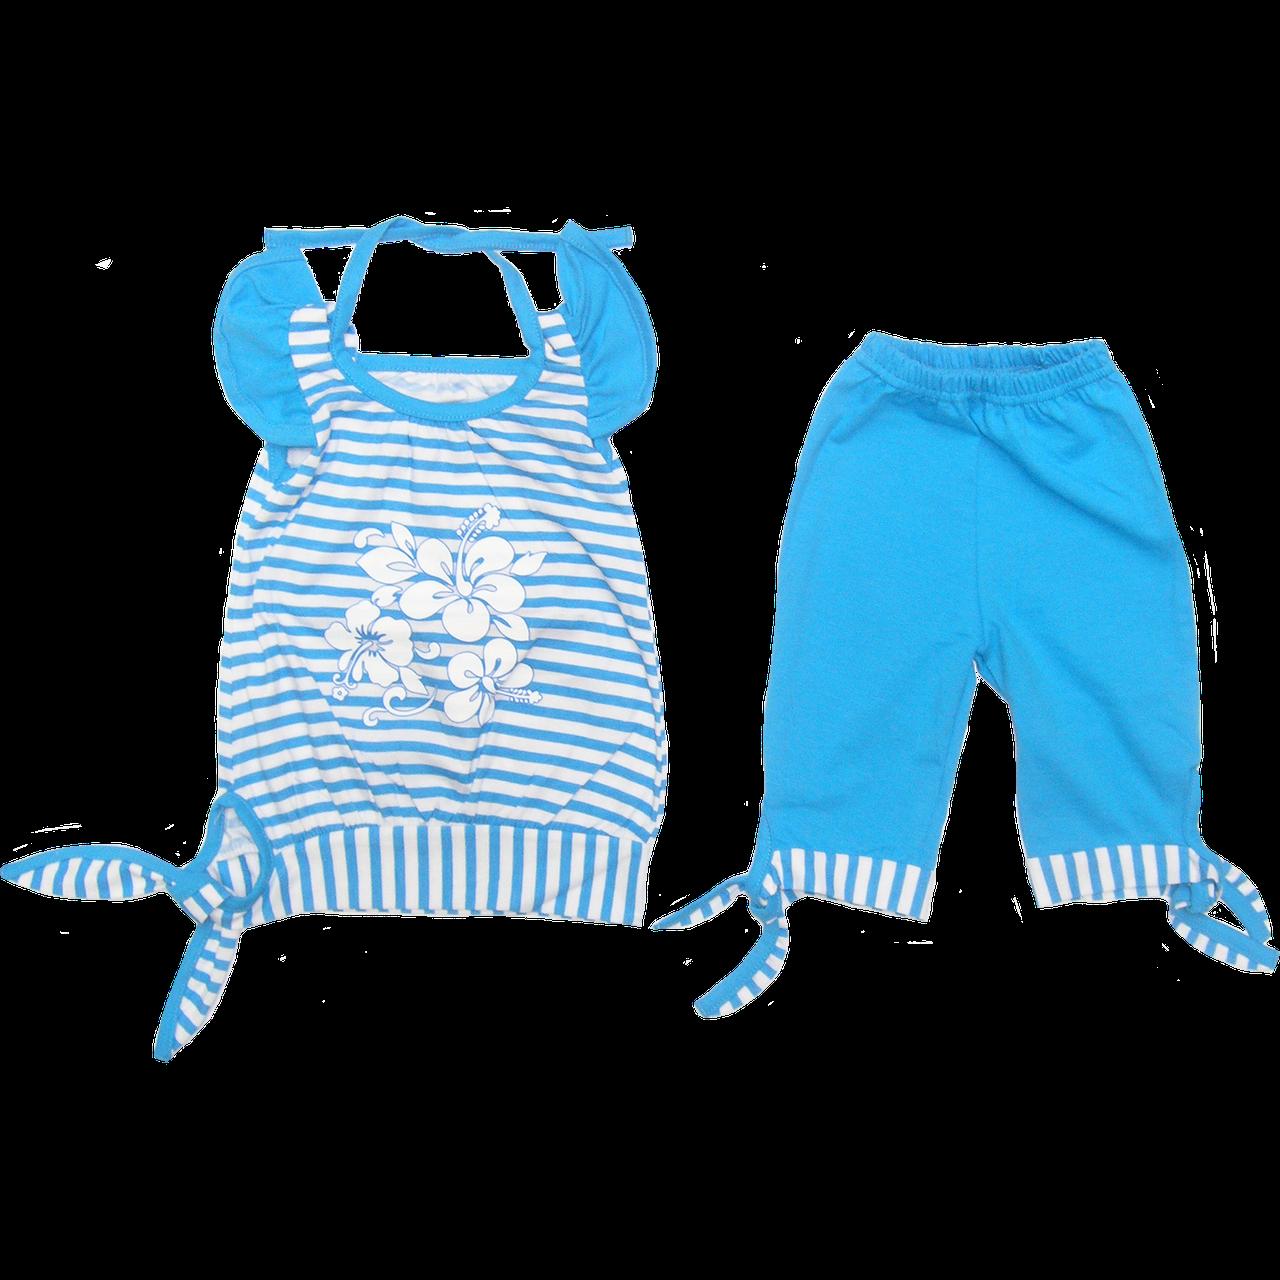 Детский летний костюмчик комплект для девочки: туника с коротким рукавом и капри; кулир лето ТМ Виктория